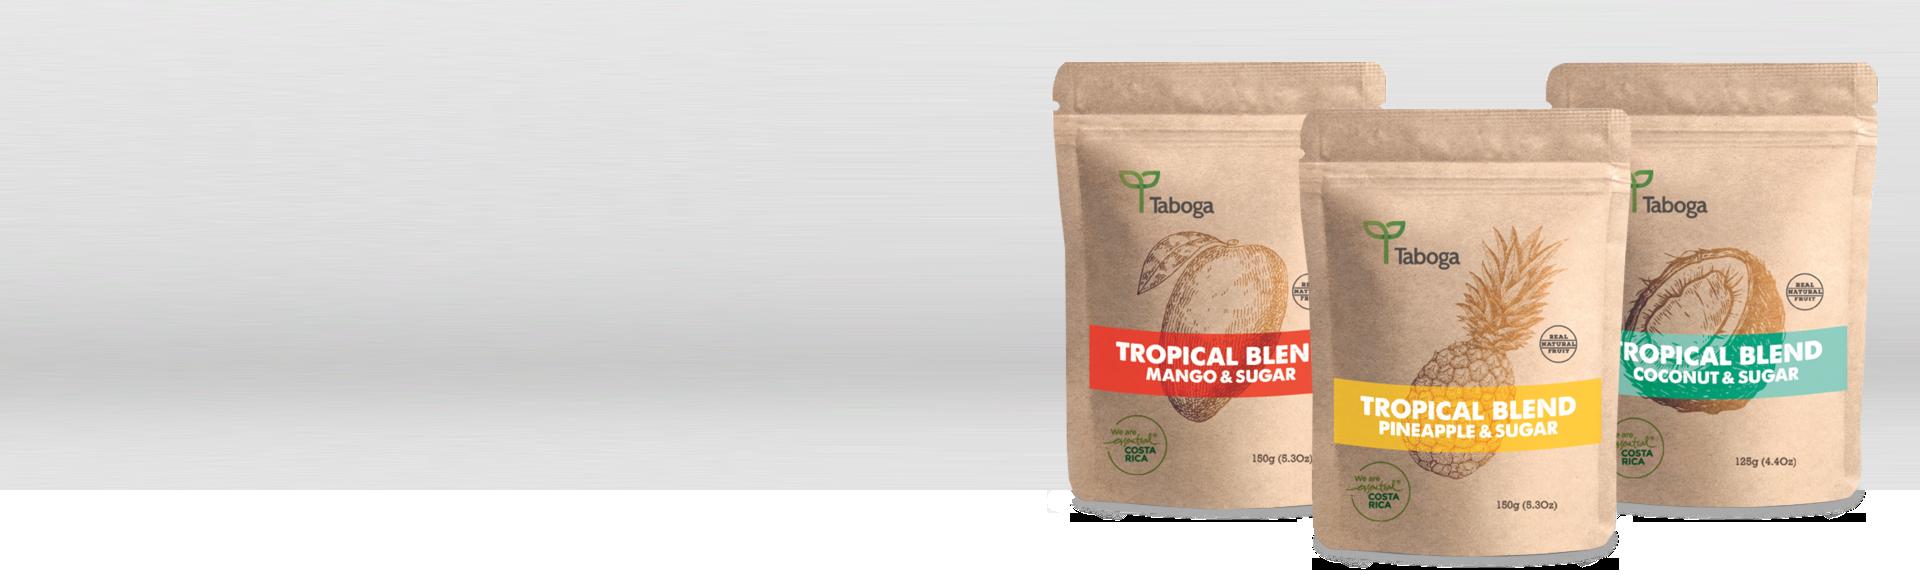 produse herbalife de slabit cafe tokyo slimming cafea